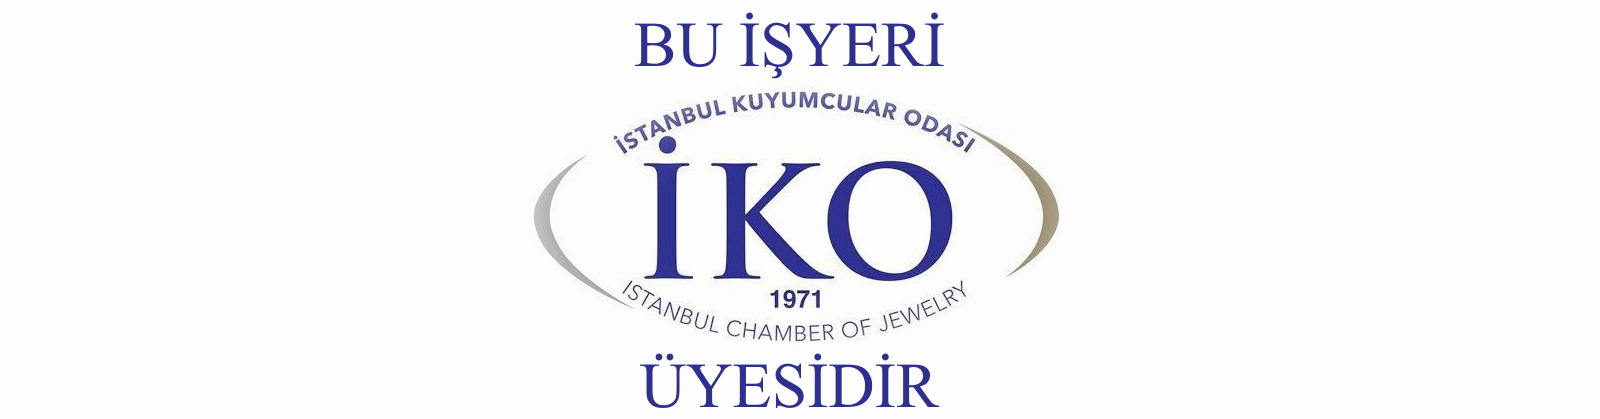 İstanbul Kuyumcular Odası